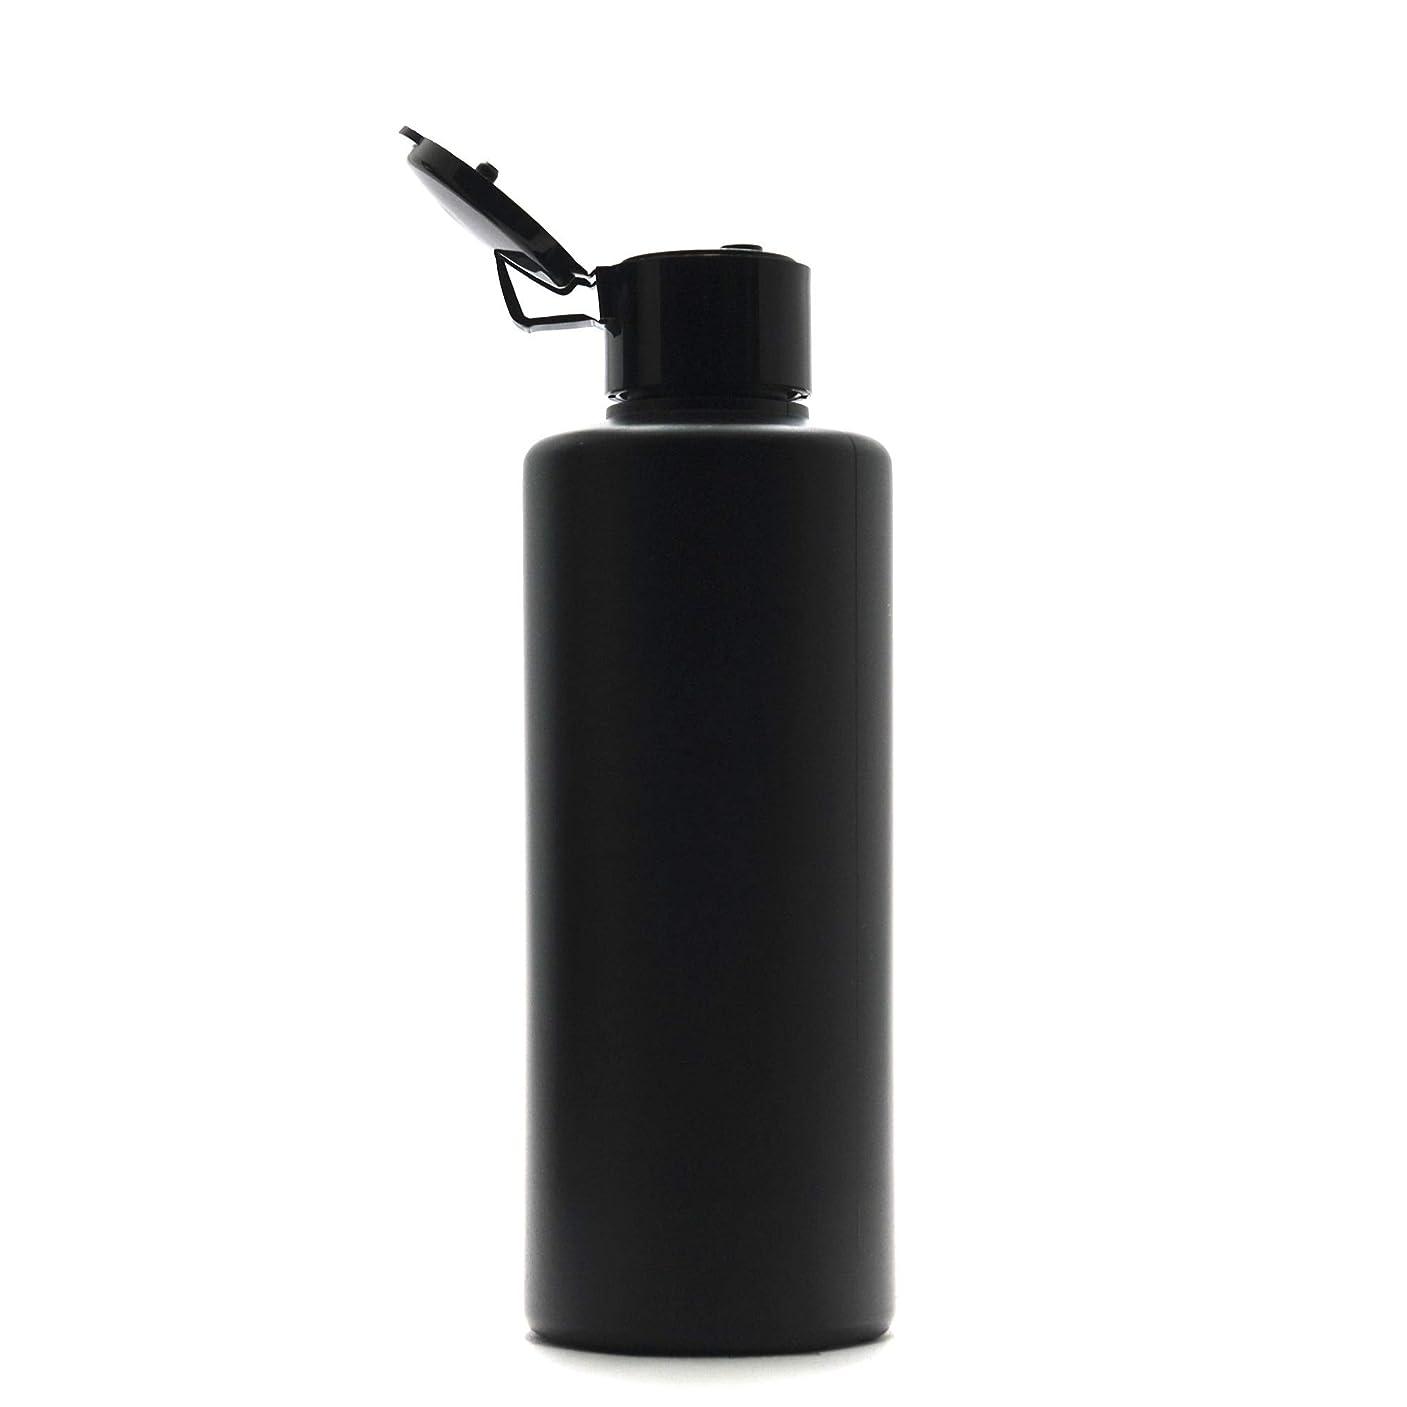 冗長解凍する、雪解け、霜解け称賛プラスチック容器 200mL PE ストレートボトル 遮光黒 [ ヒンジキャップ:ブラック ※パッキン付き ]